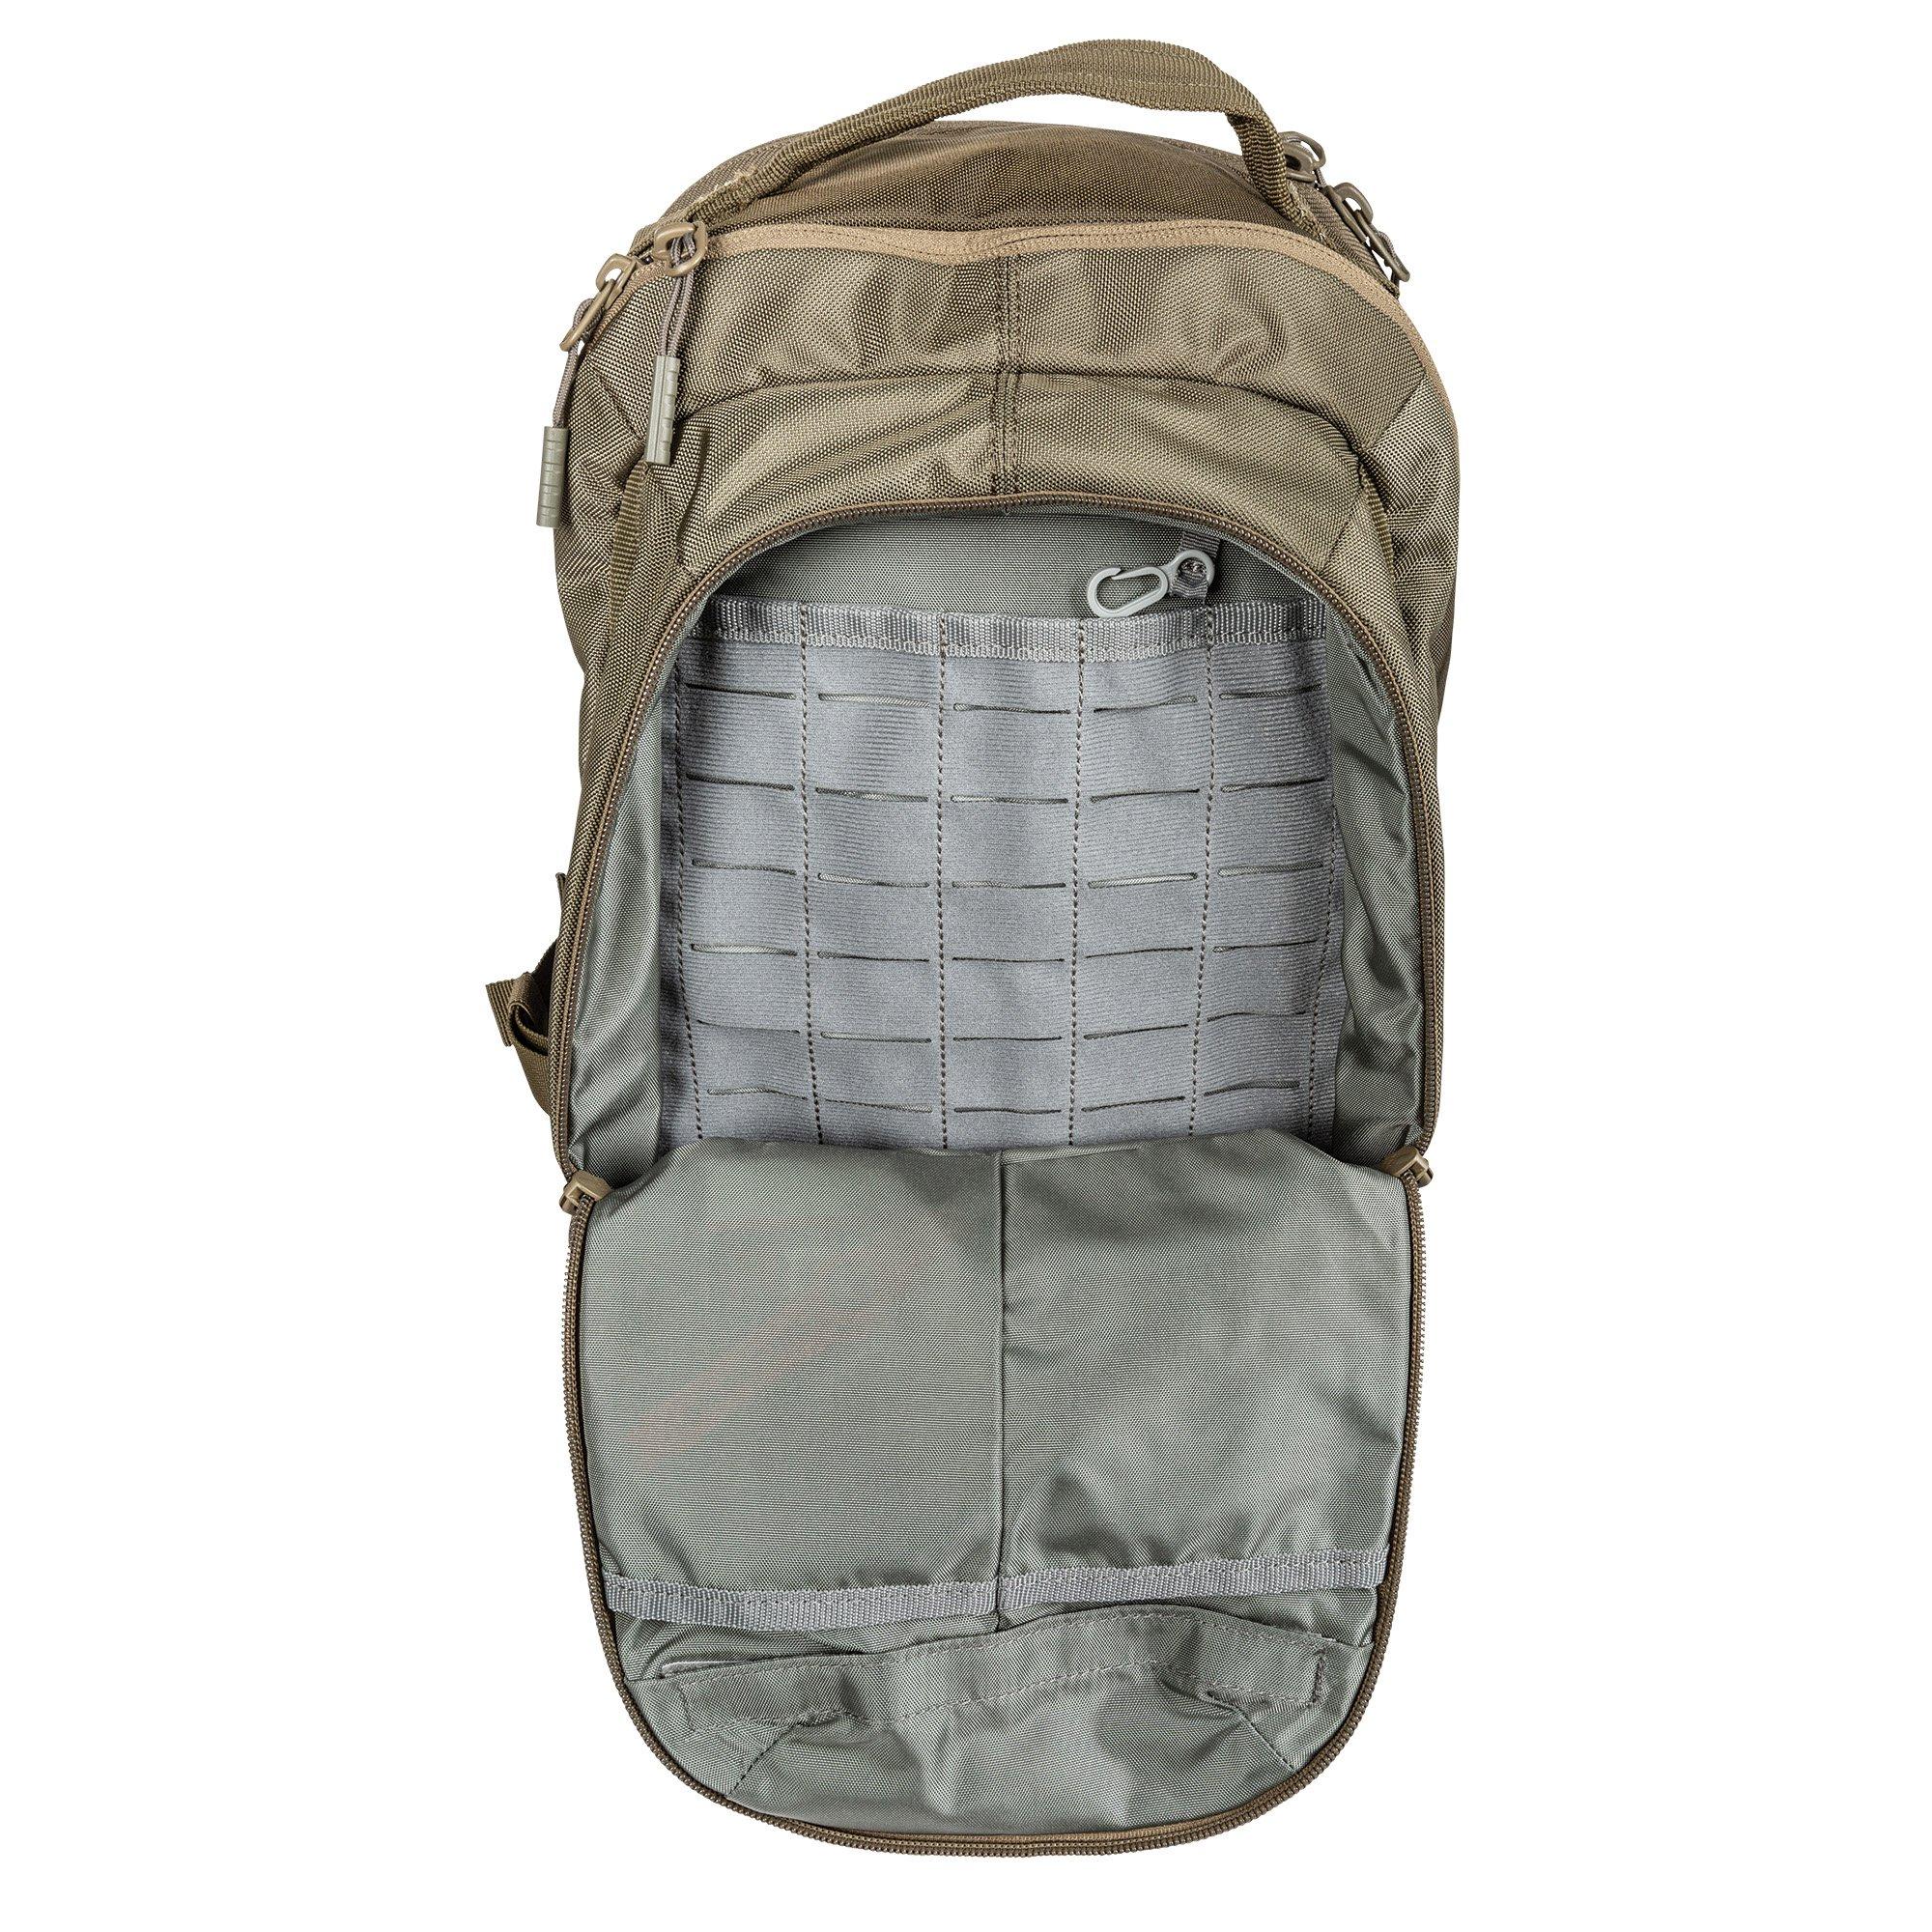 Balo 5.11 Tactical LV18 29L – Tarmac